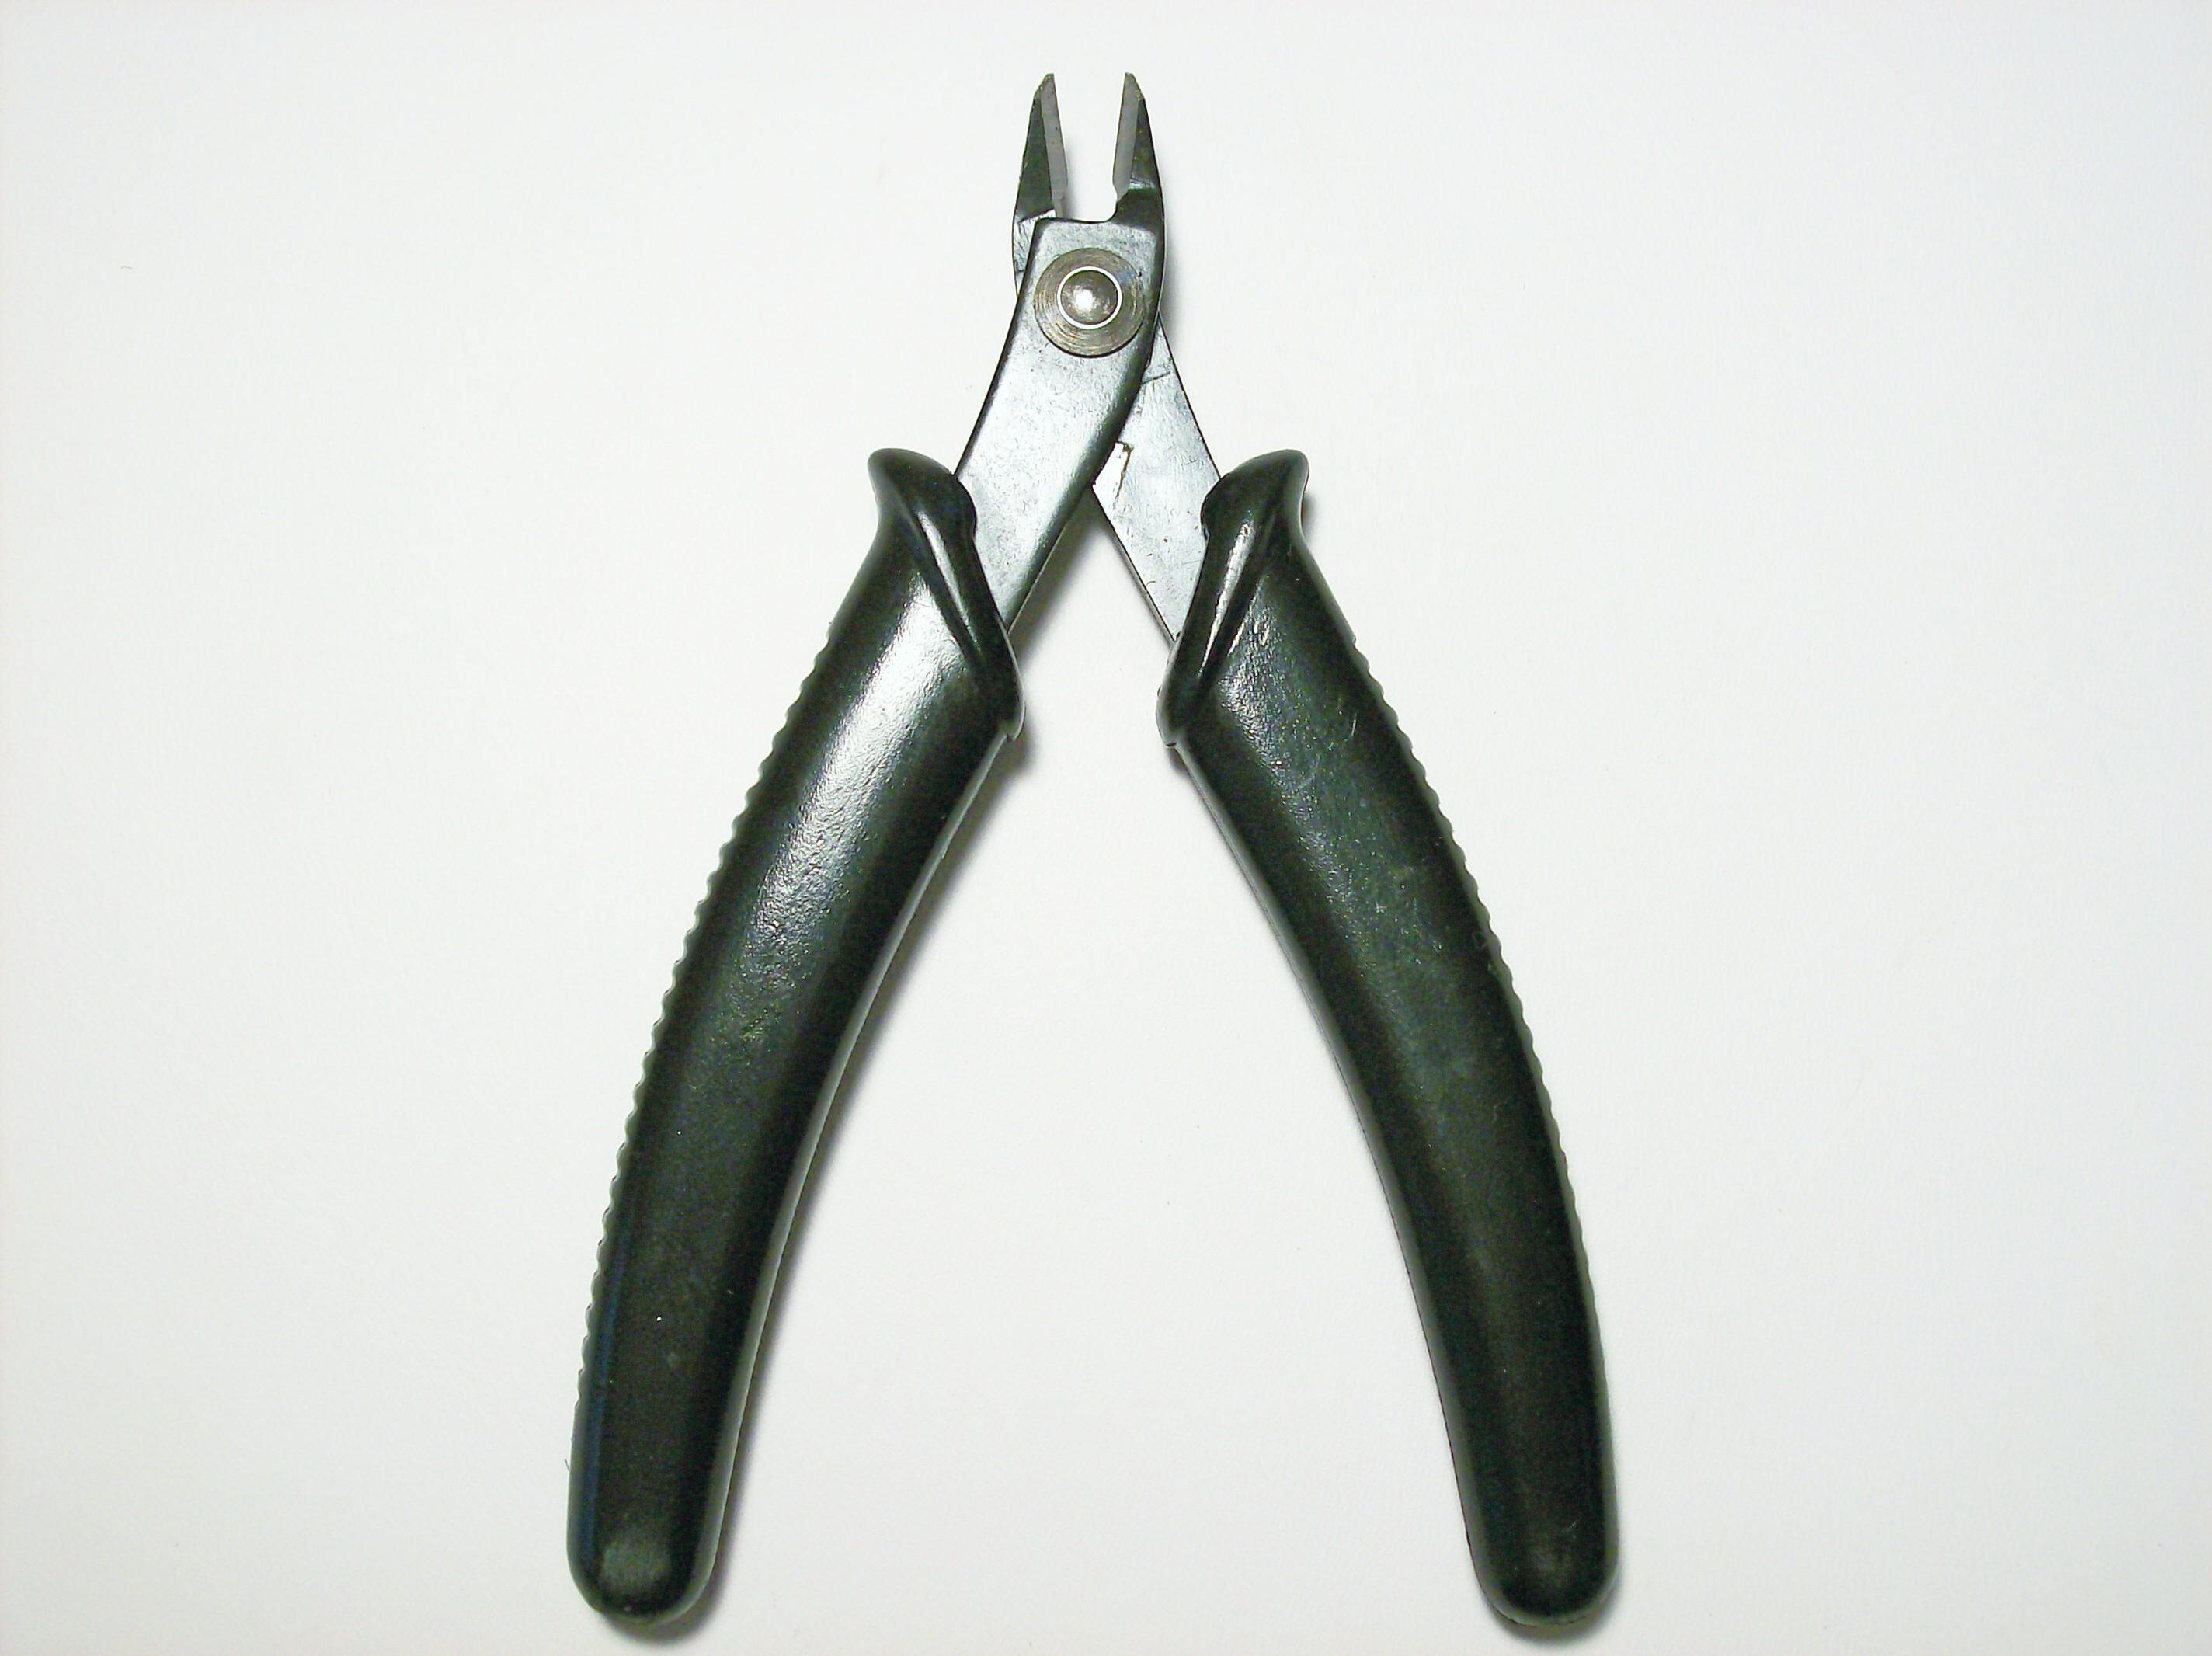 Nipper Tool & Cutters